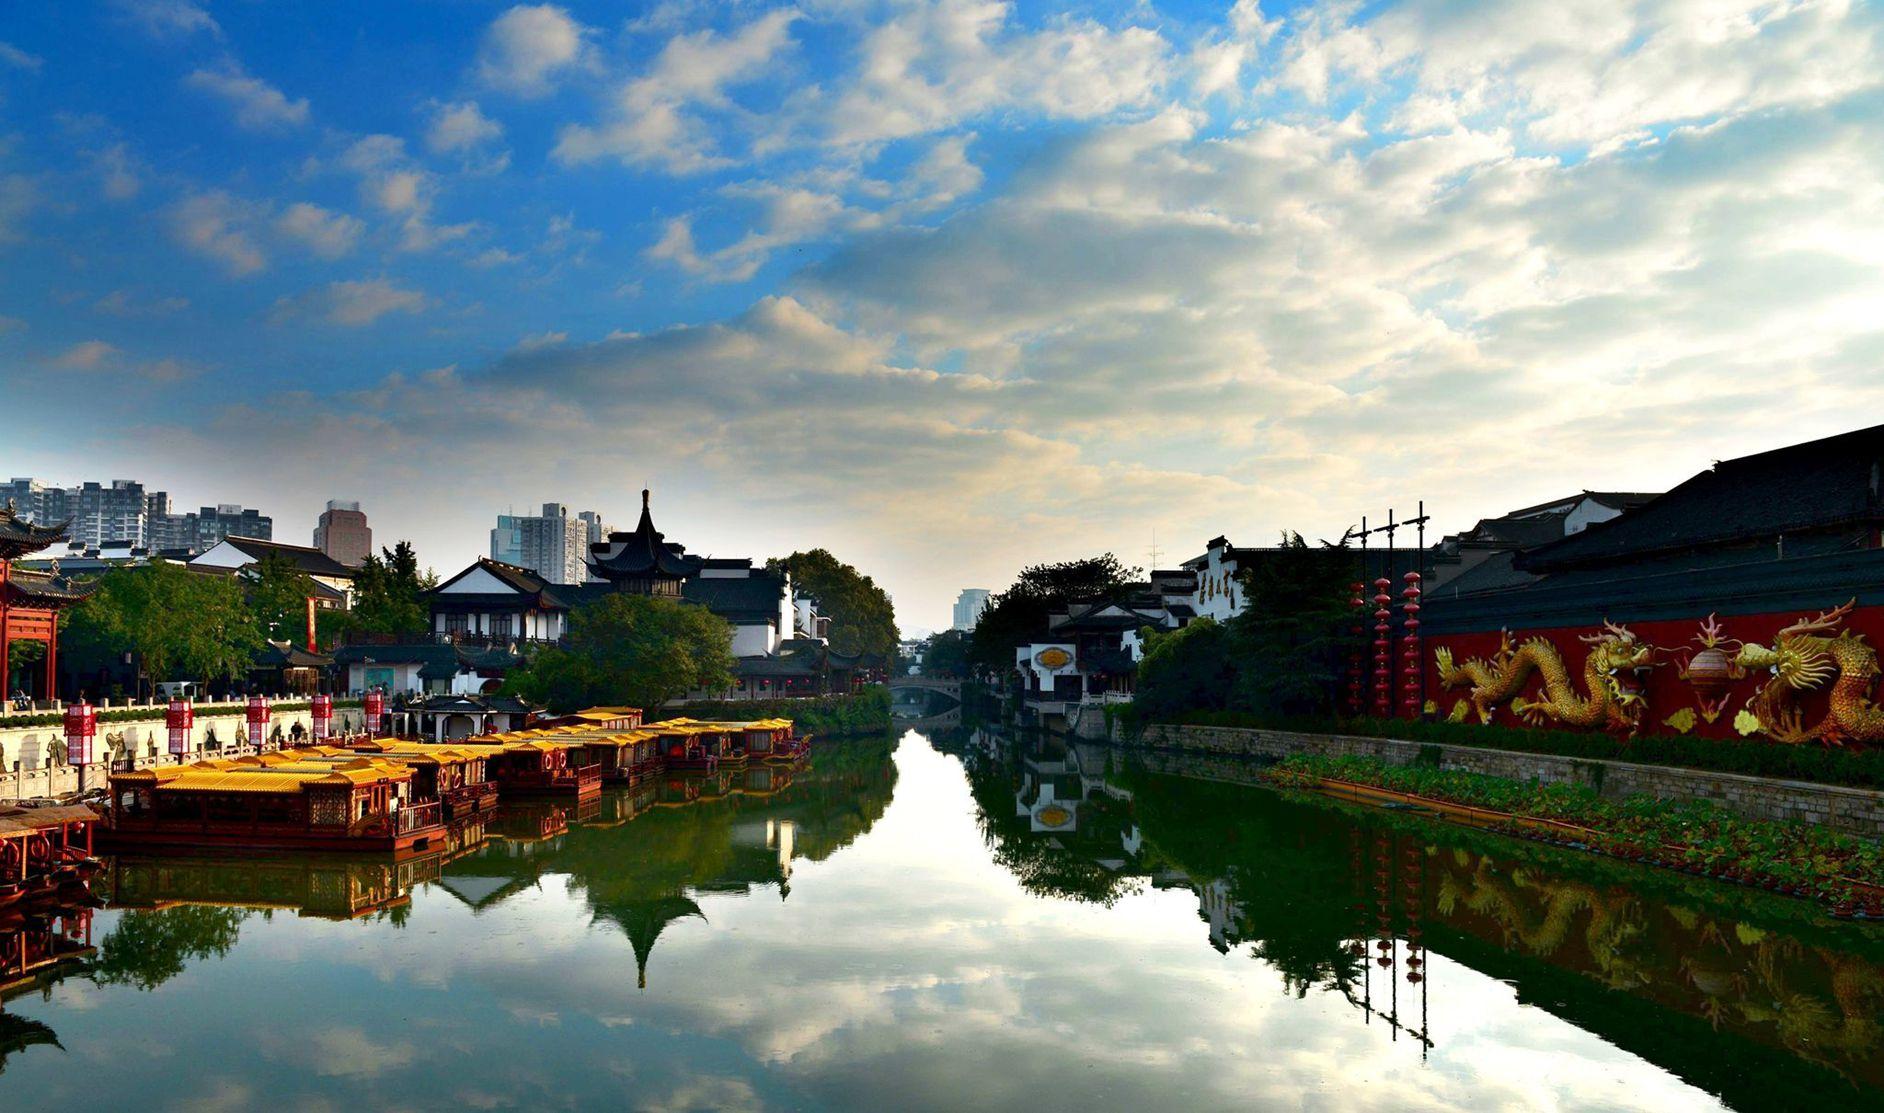 华东五市旅游景点_长治到华东五市旅游 华东五市有哪些旅游景点